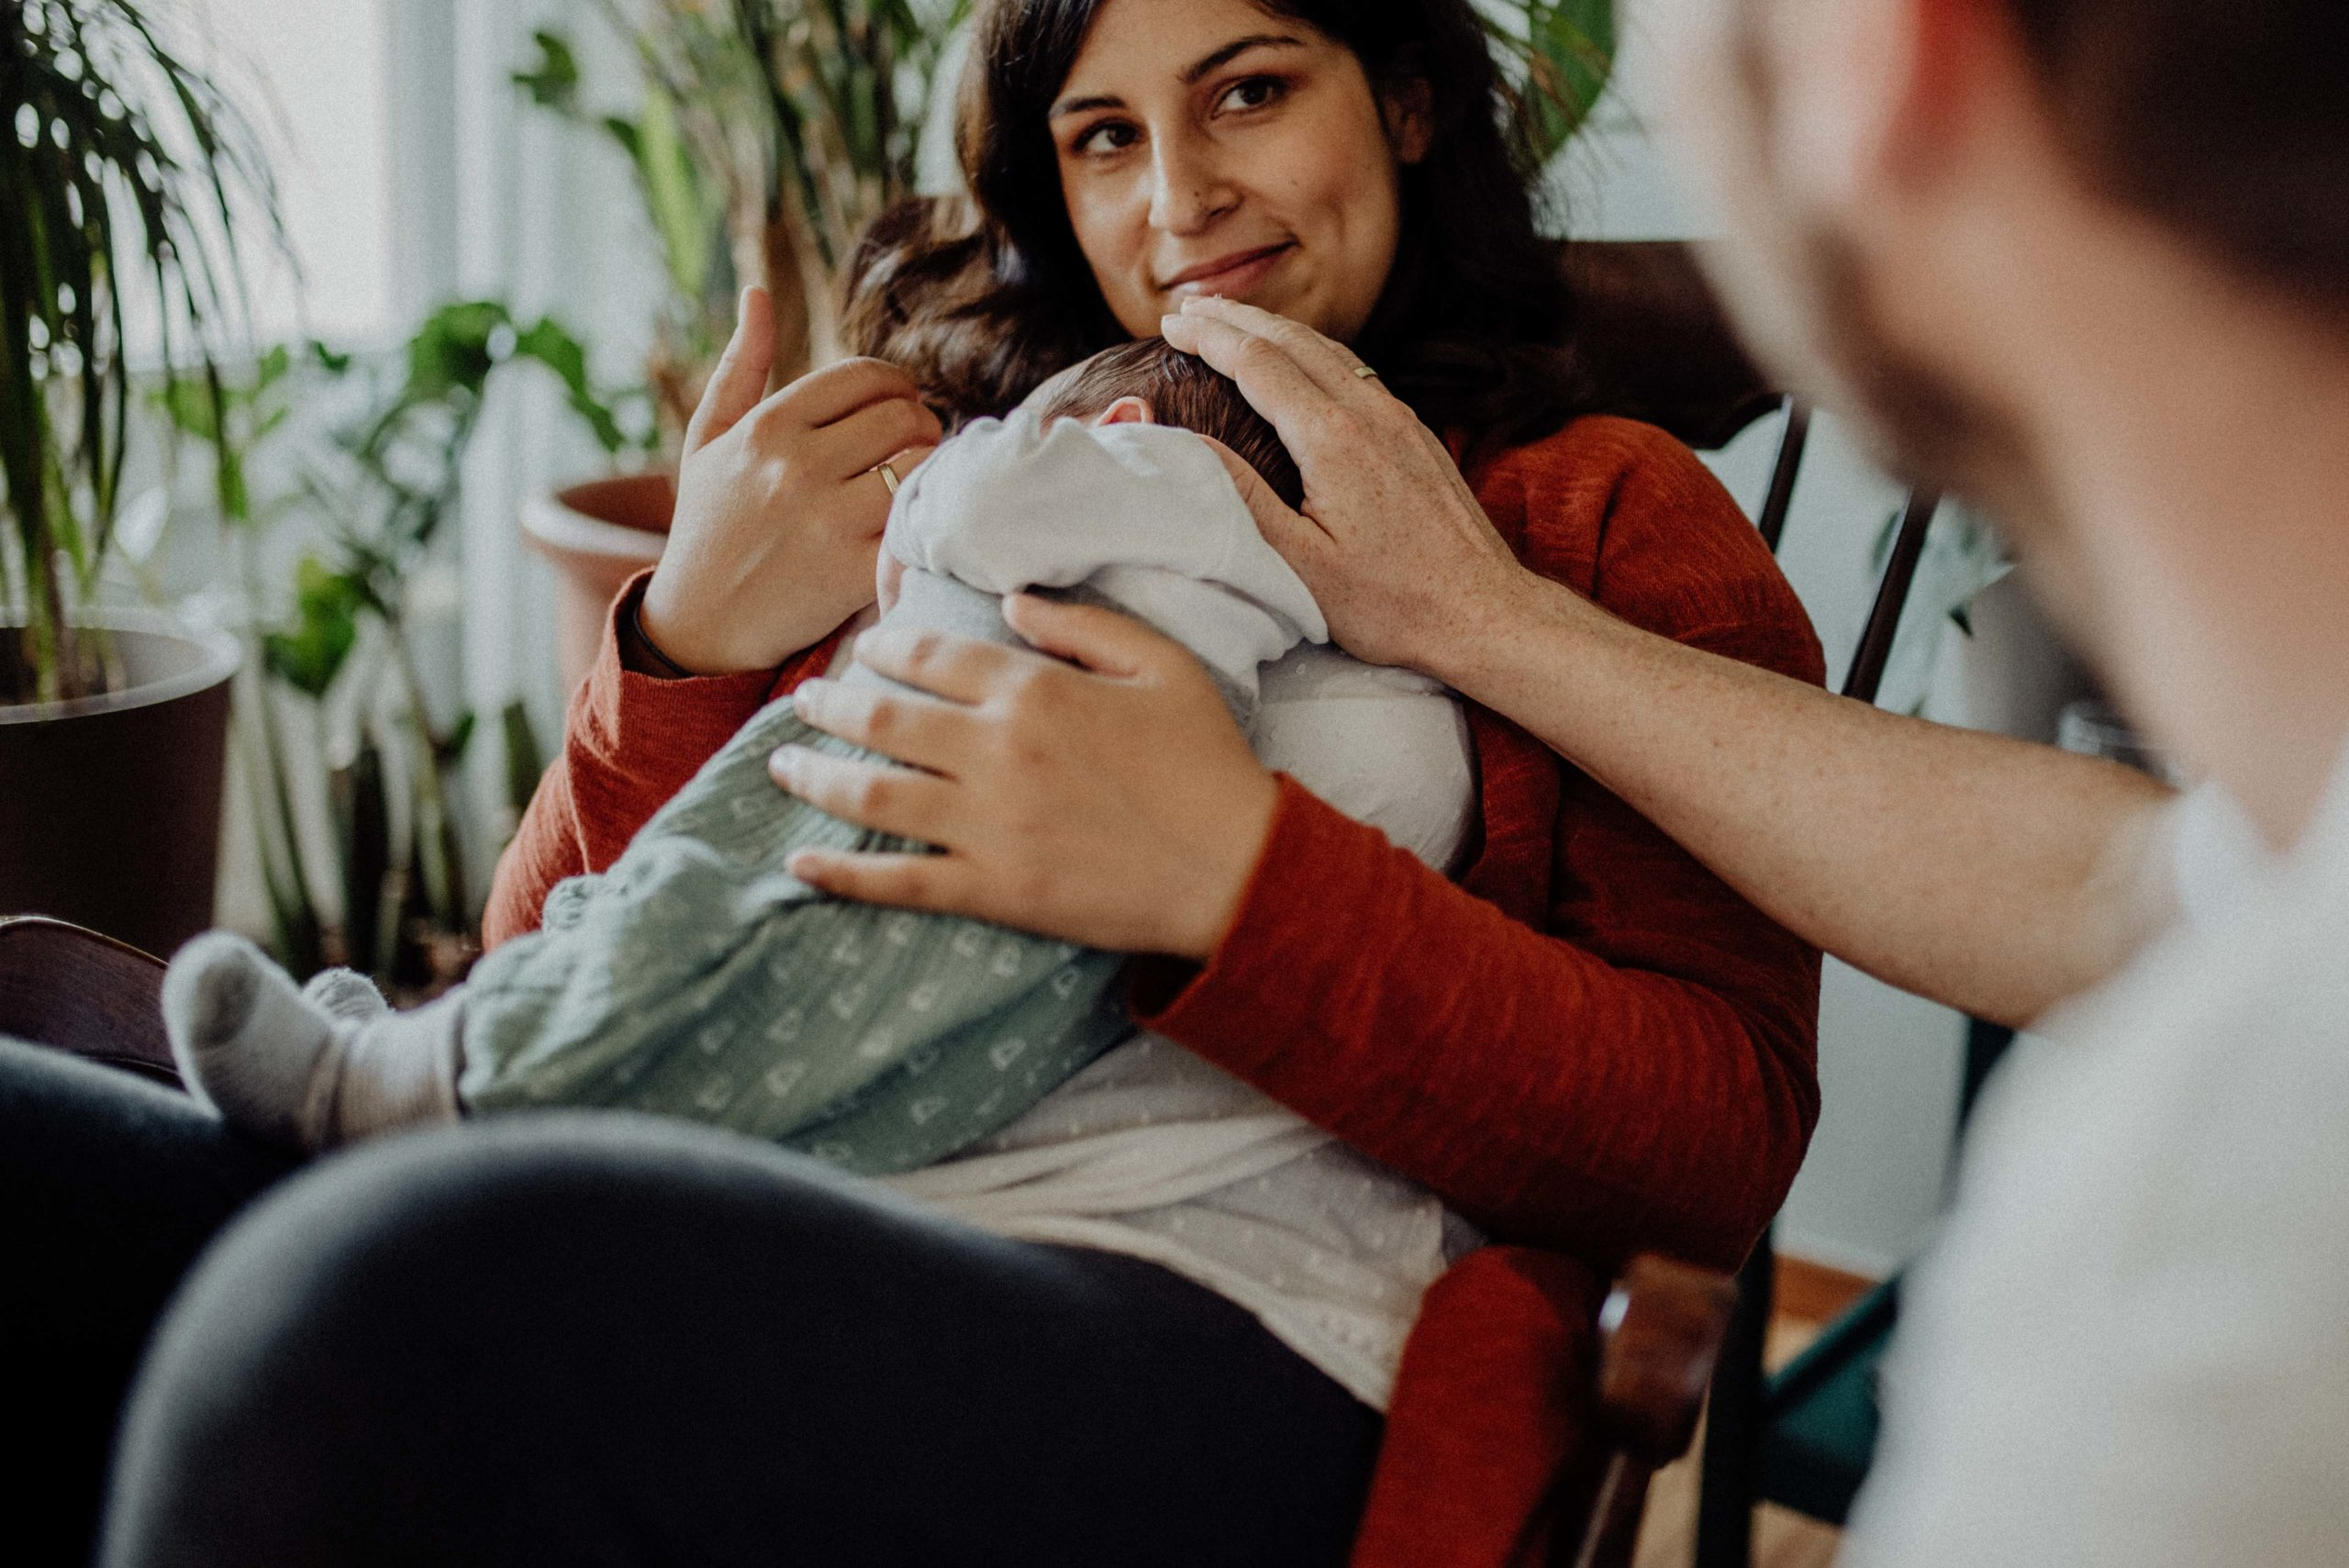 032-Witten-Homestory-Homesession-Newborn-Baby-Fotoshooting